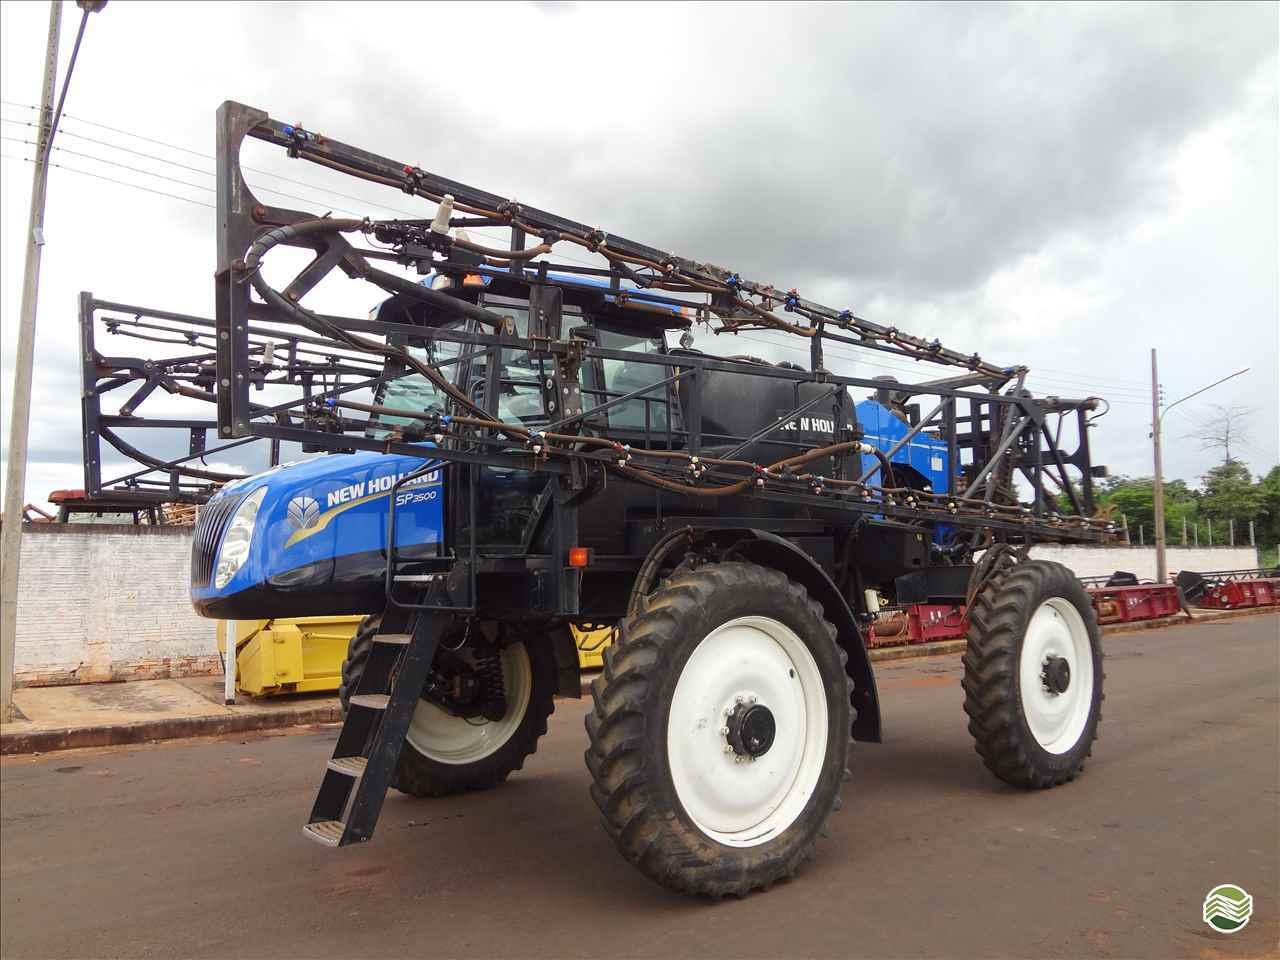 PULVERIZADOR NEW HOLLAND DEFENSOR SP3500 Tração 4x4 Gomagril Máquinas Agrícolas TANGARA DA SERRA MATO GROSSO MT